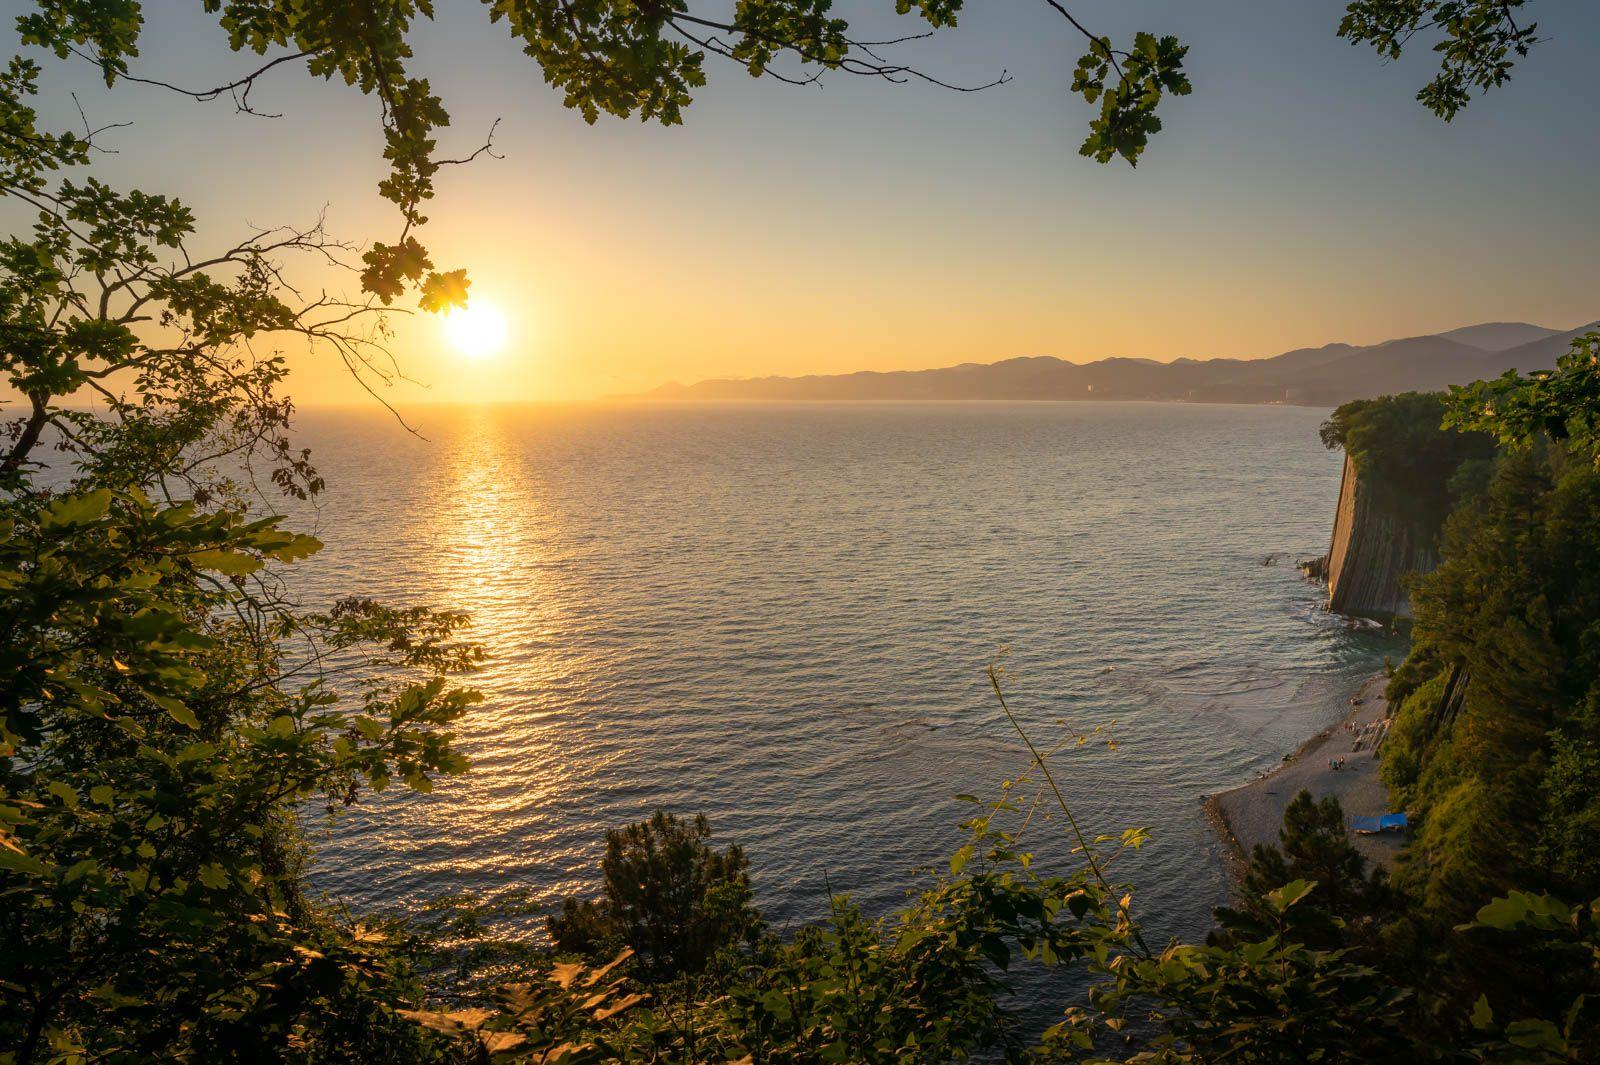 Вечер над морем закат море солнце лес скала лето отпуск пляж вечер